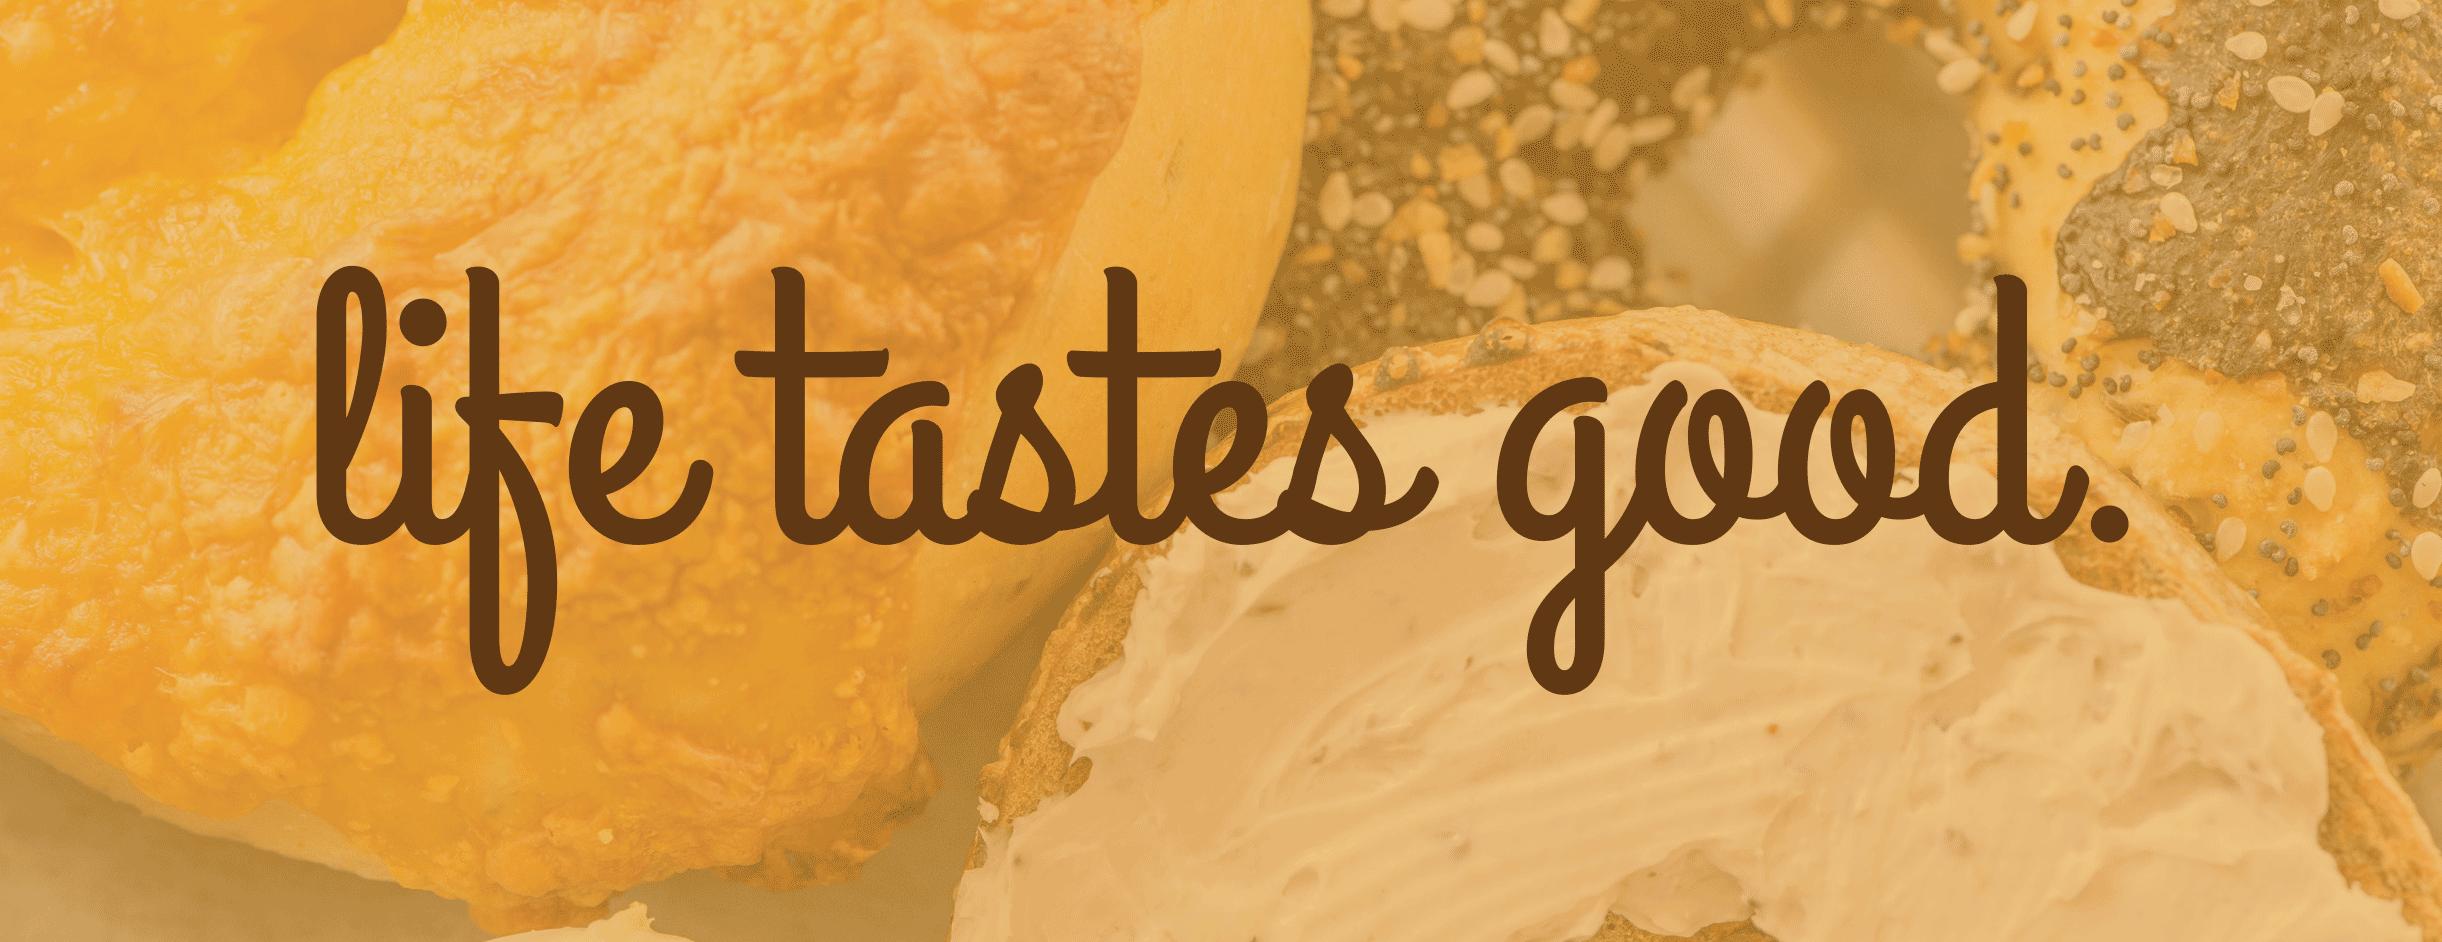 life tastes good.